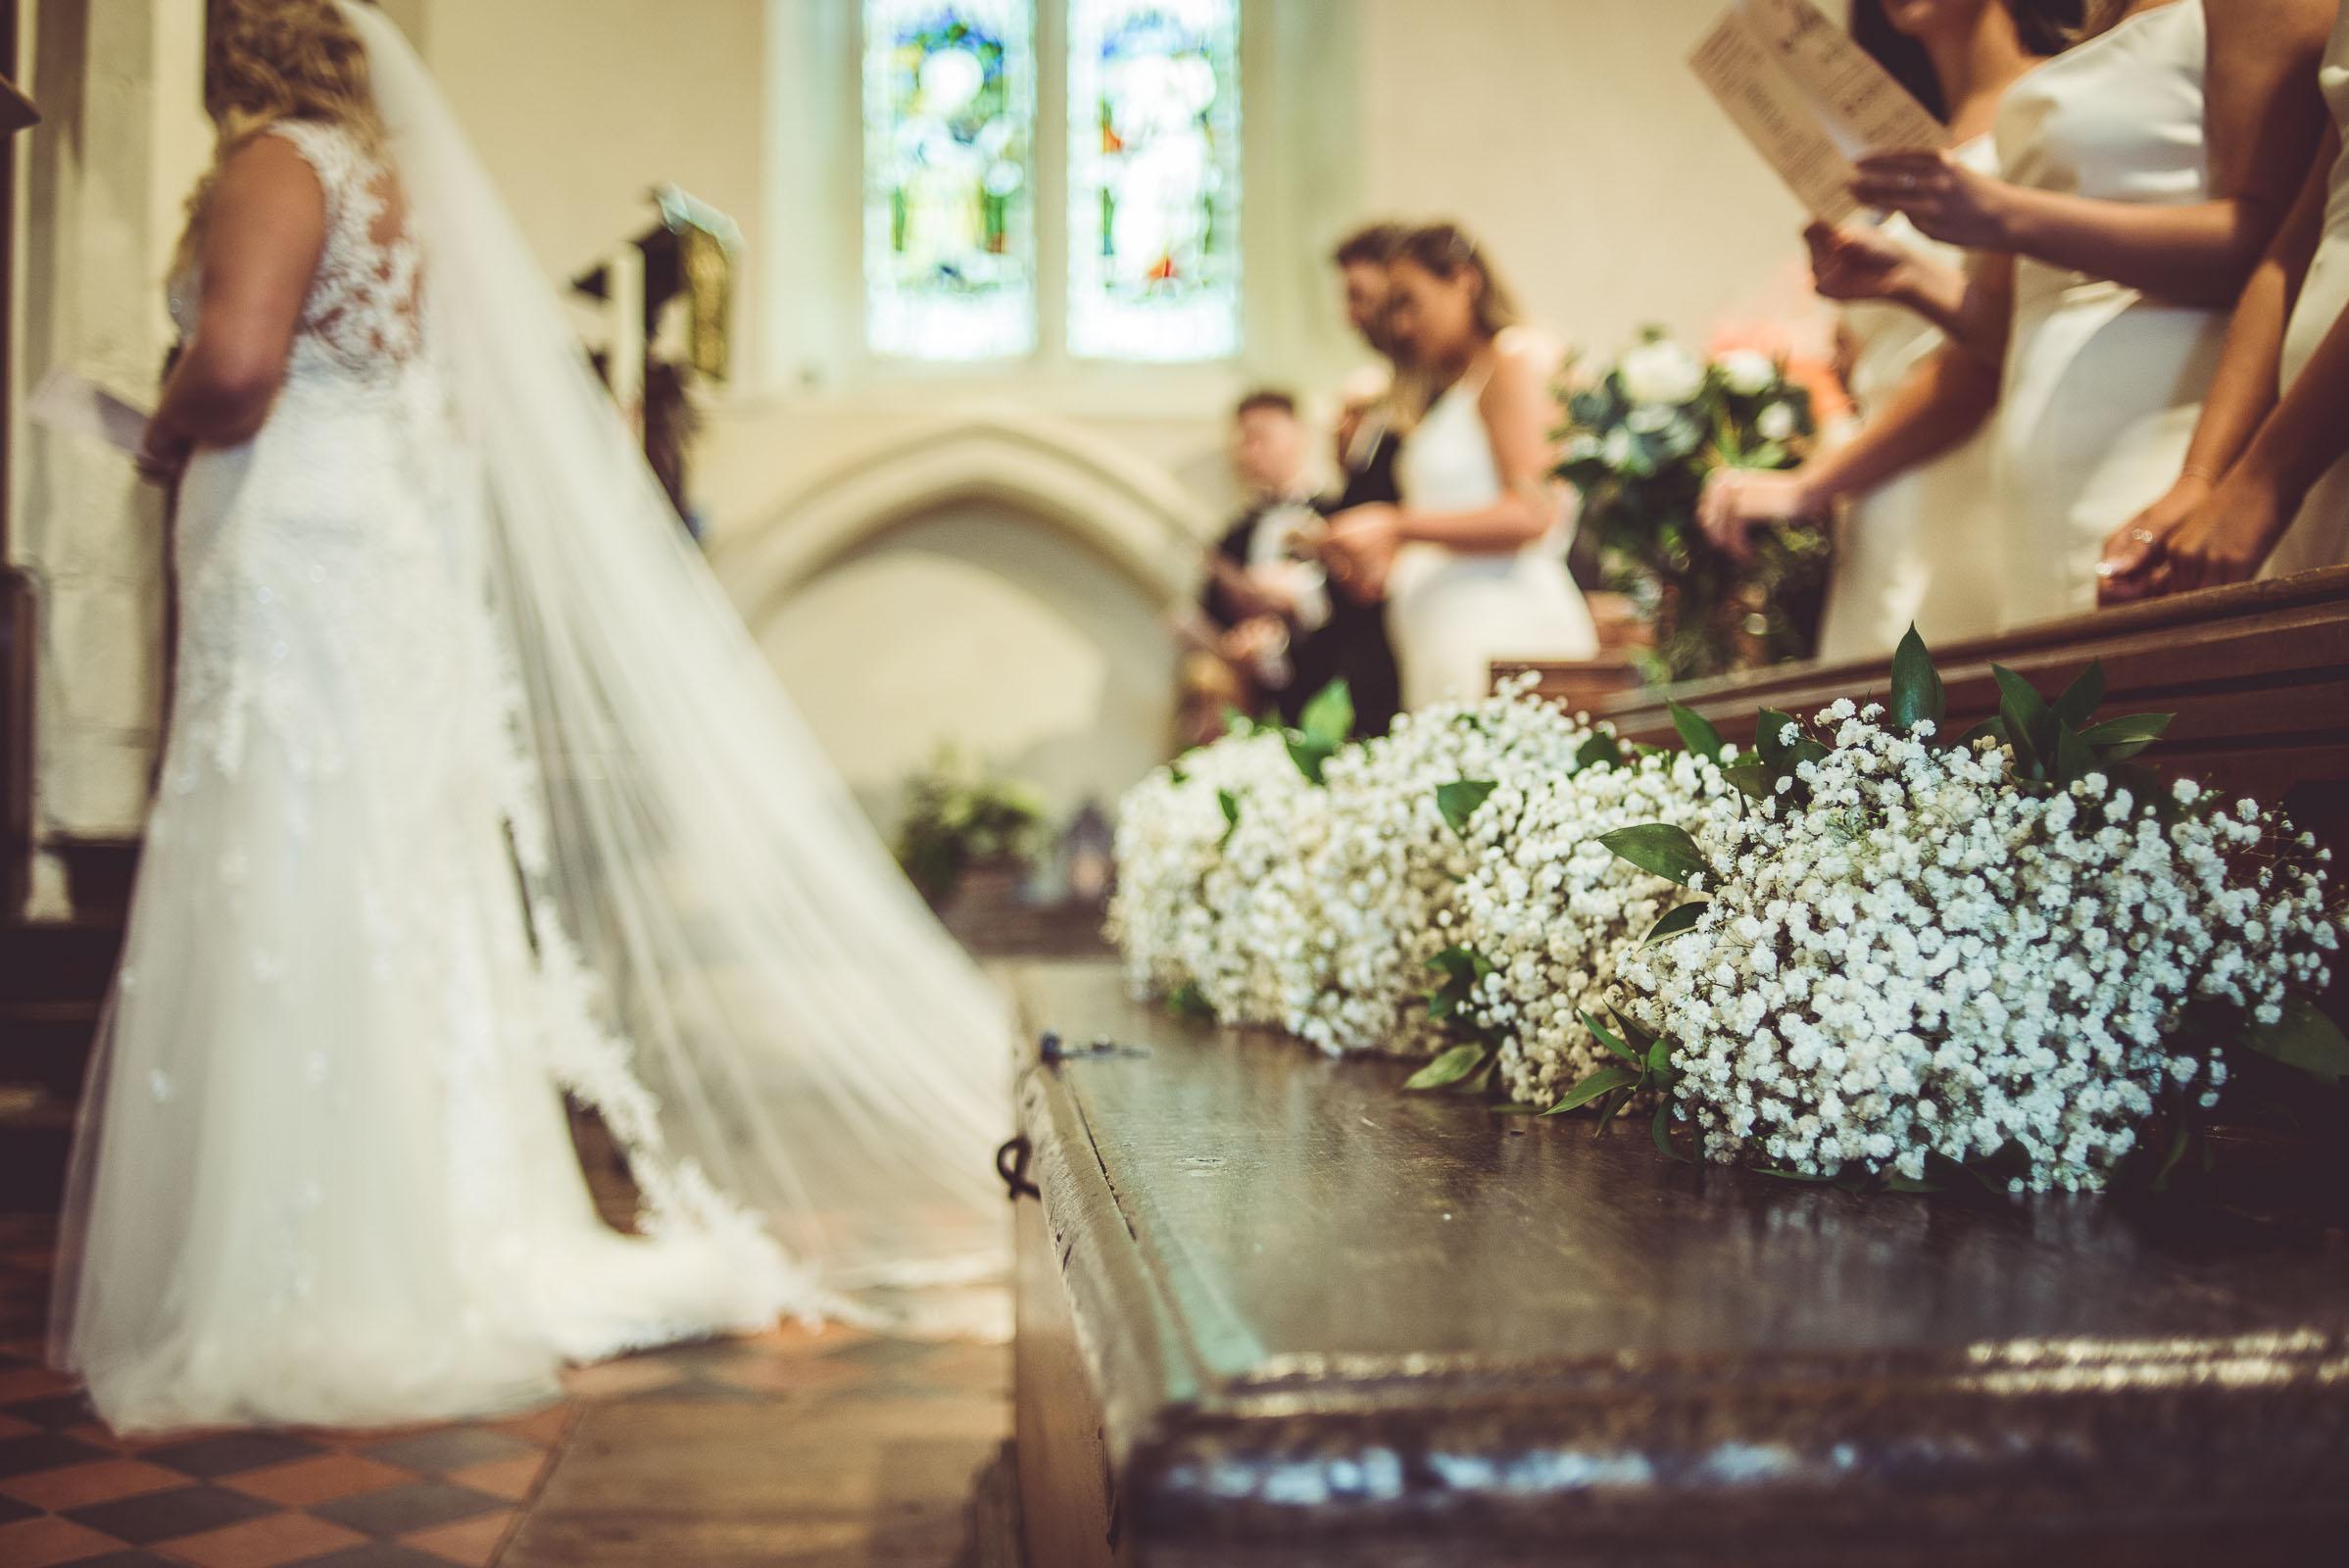 Lutonhoo-wedding-Bedfordshire-Datchworth-Tewinburyfarm-43.jpg